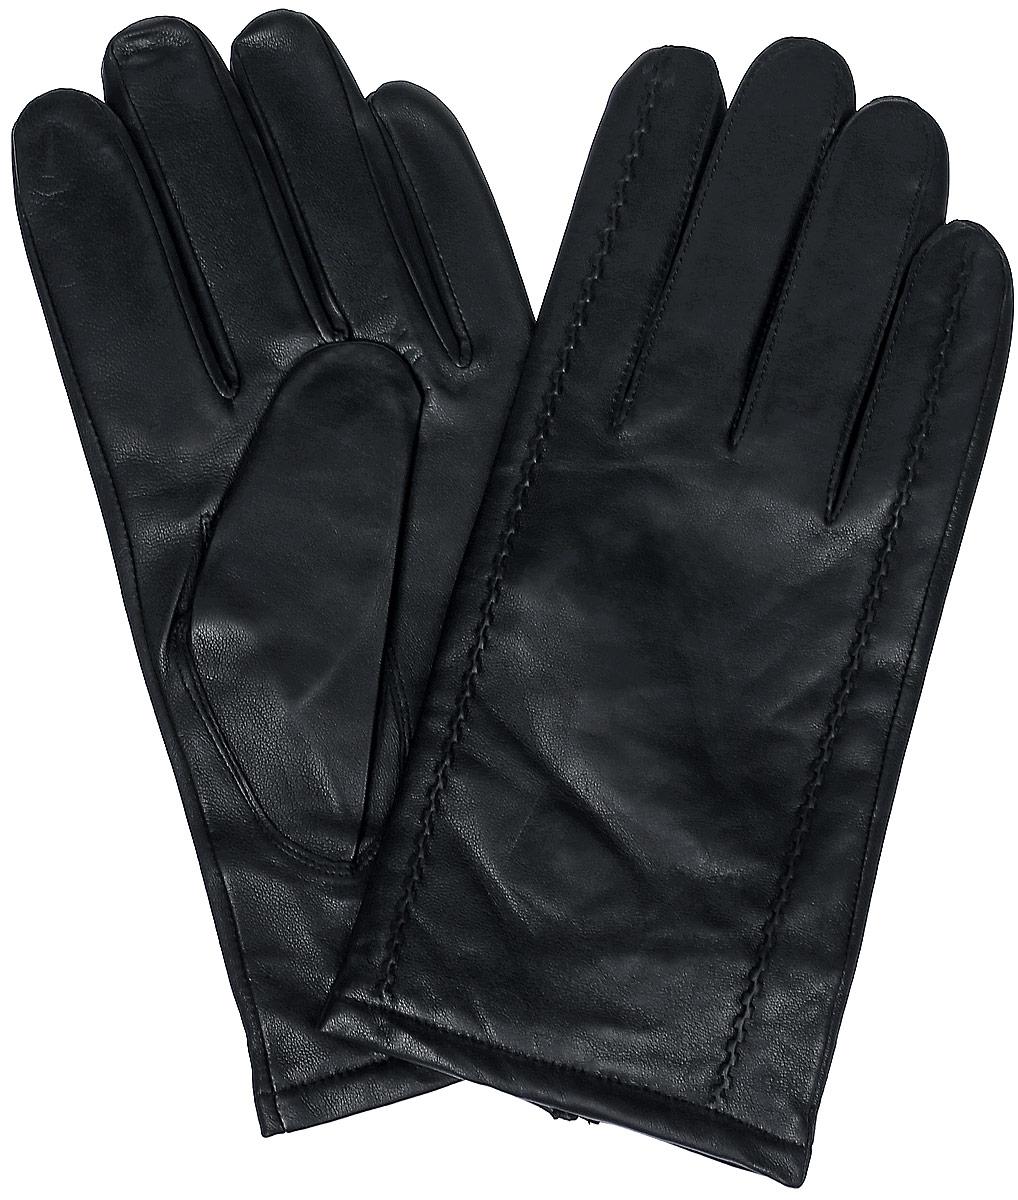 LB-0628Мужские перчатки Labbra выполнены из натуральной мягкой кожи и оформлены декоративными нашивками. Внутренняя поверхность выполнена из шерсти и акрила, которые обеспечат тепло и комфорт.